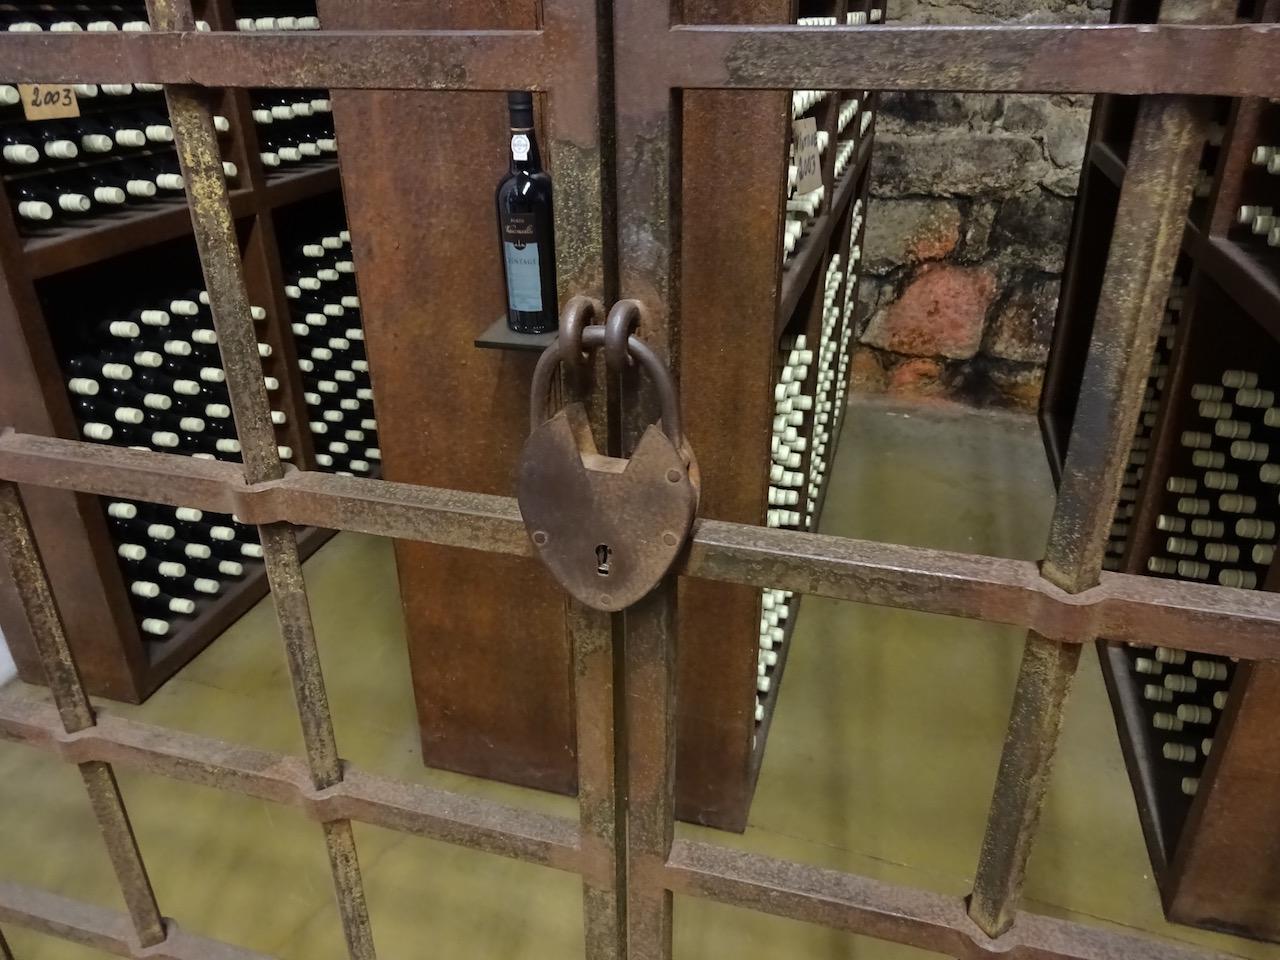 hinter Schloss und Riegel lagert der seltene Vintage Portweine bei der weiteren Reifung in der Flasche